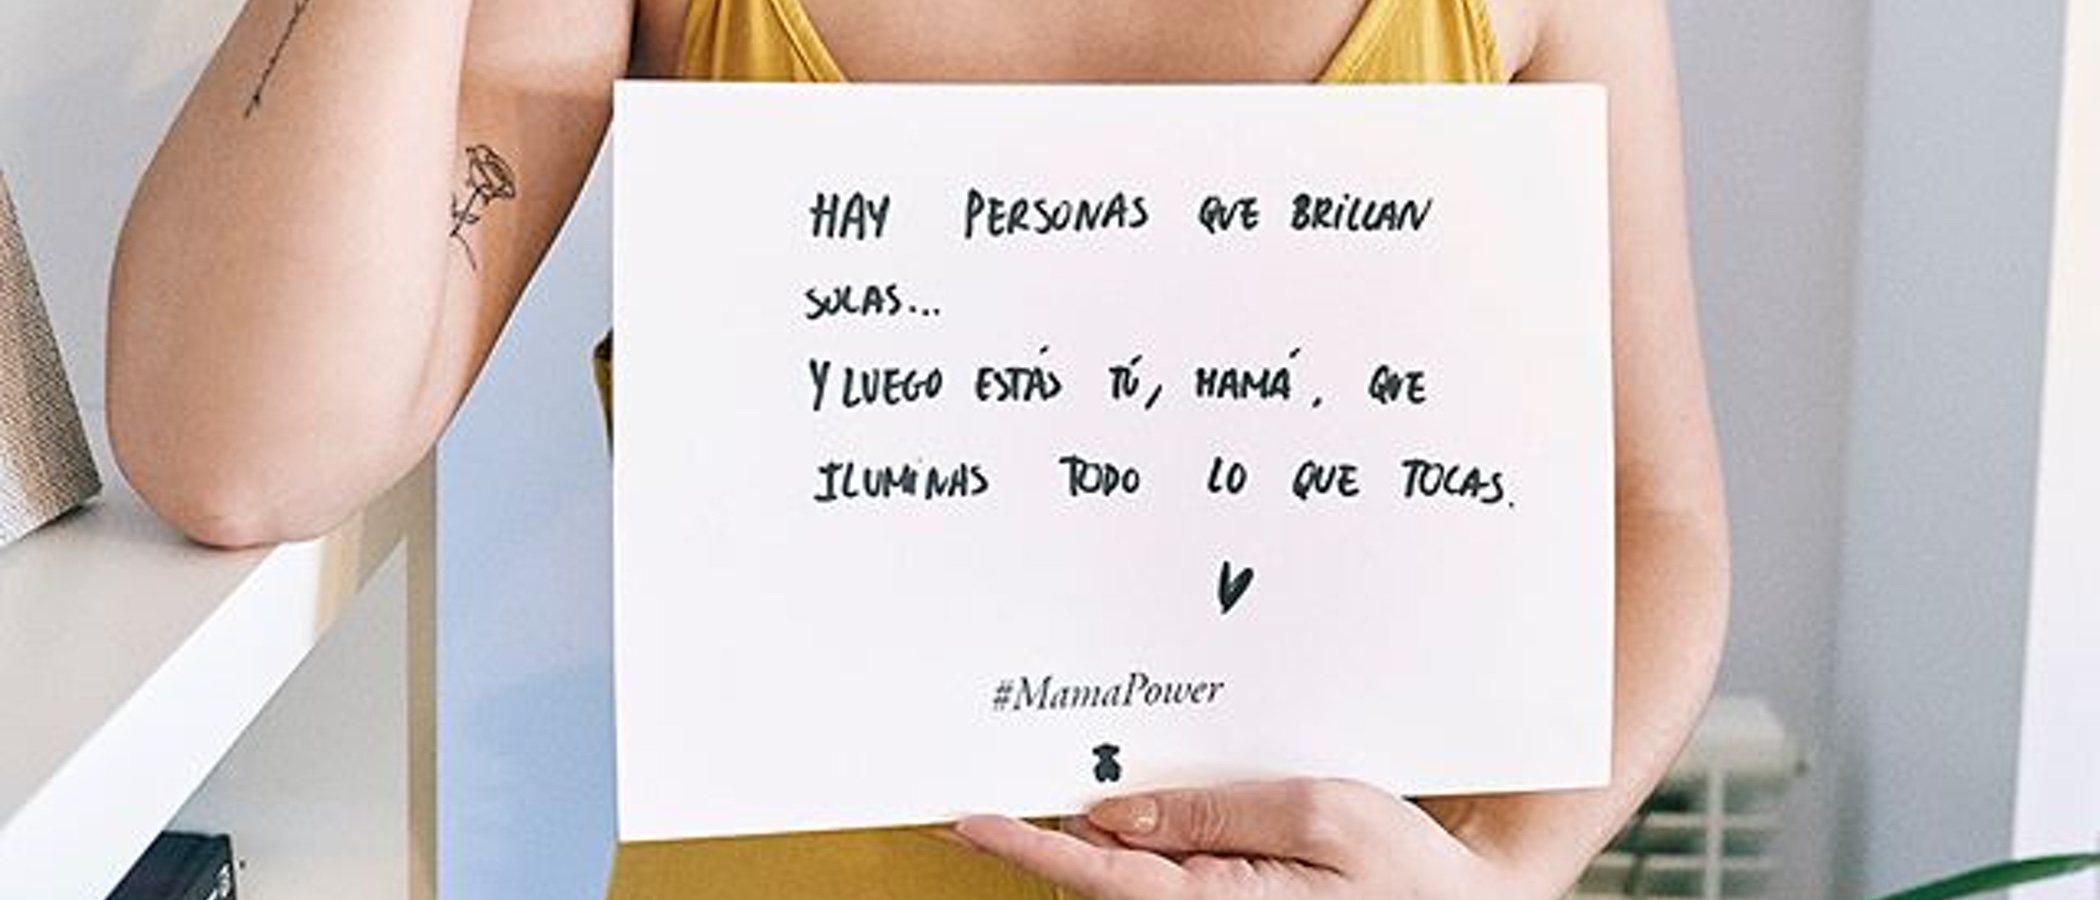 Tous presenta un homenaje al Día de la Madre 2018 en forma de campaña